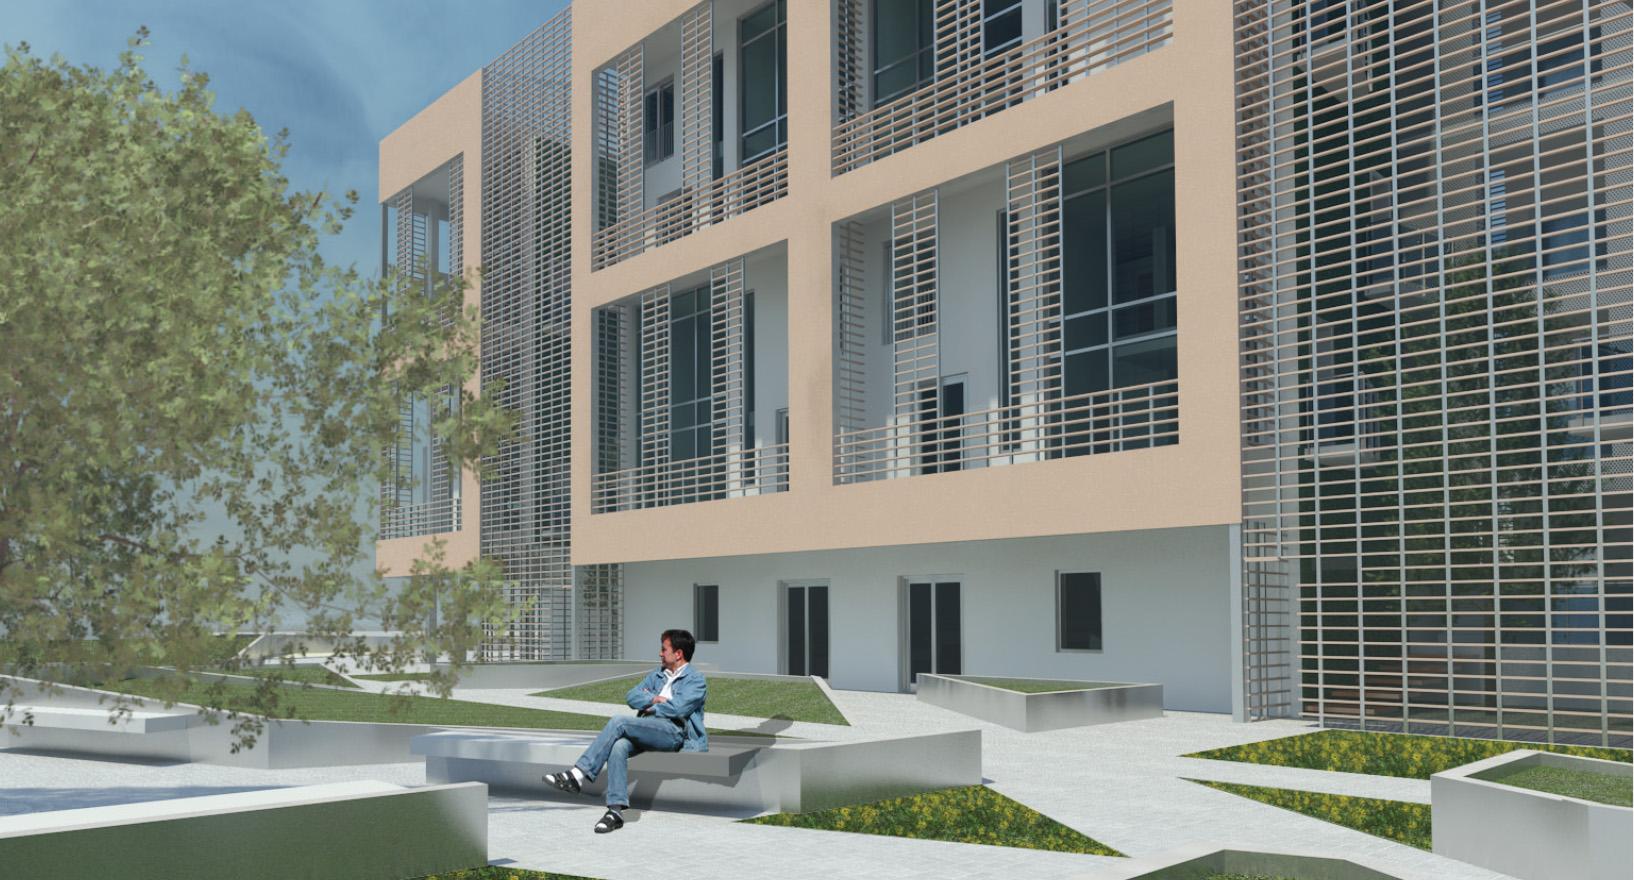 Architetto sostenibile, bioarchitett